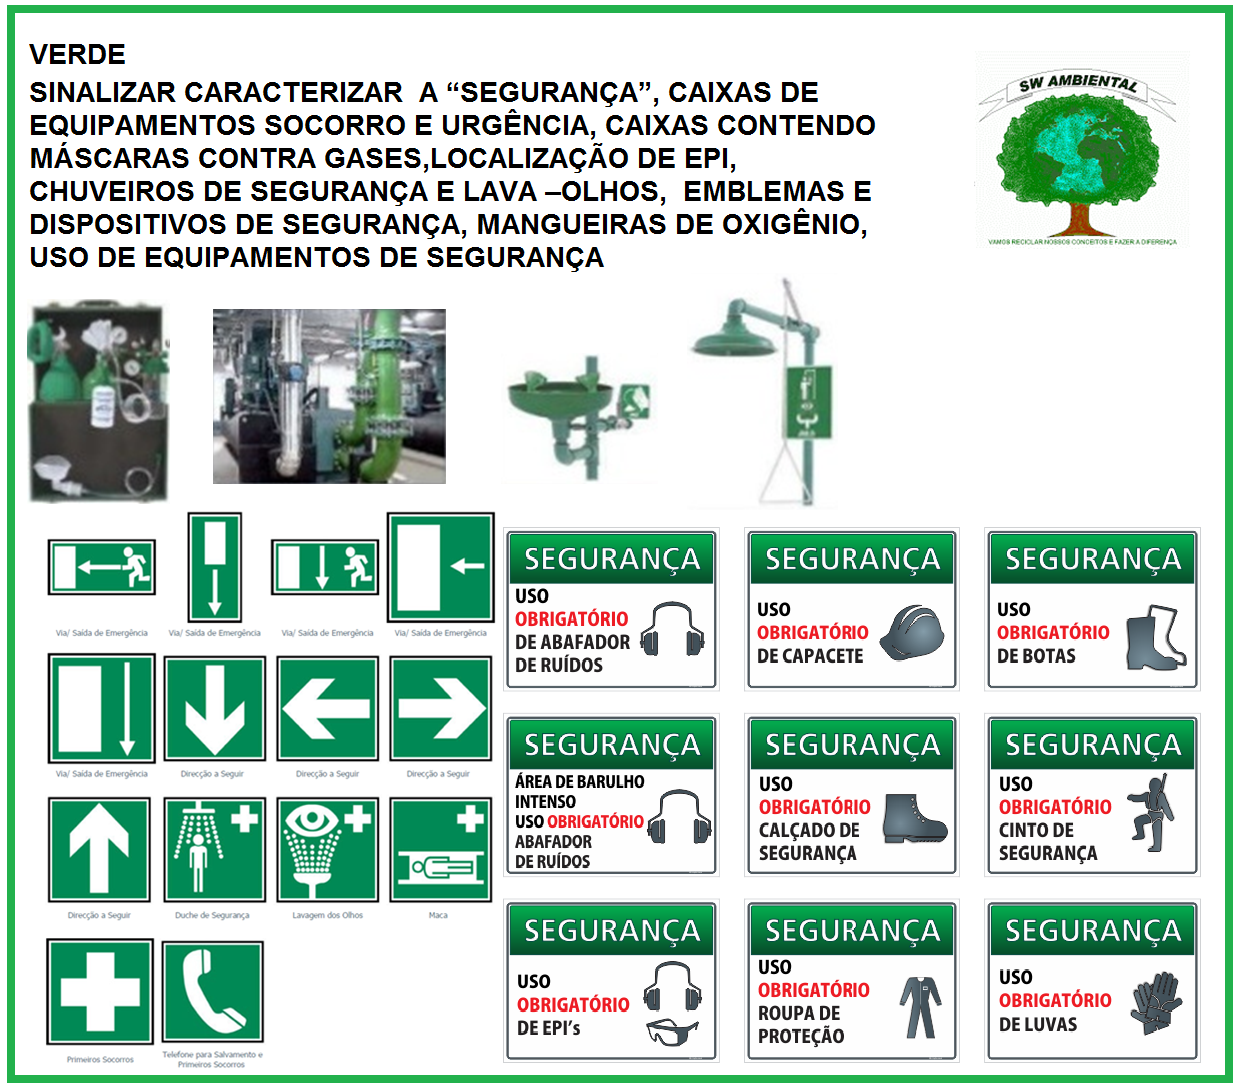 SW AMBIENTAL  NR 26 SINALIZAÇÕES DE SEGURANÇA 08d6178fcd